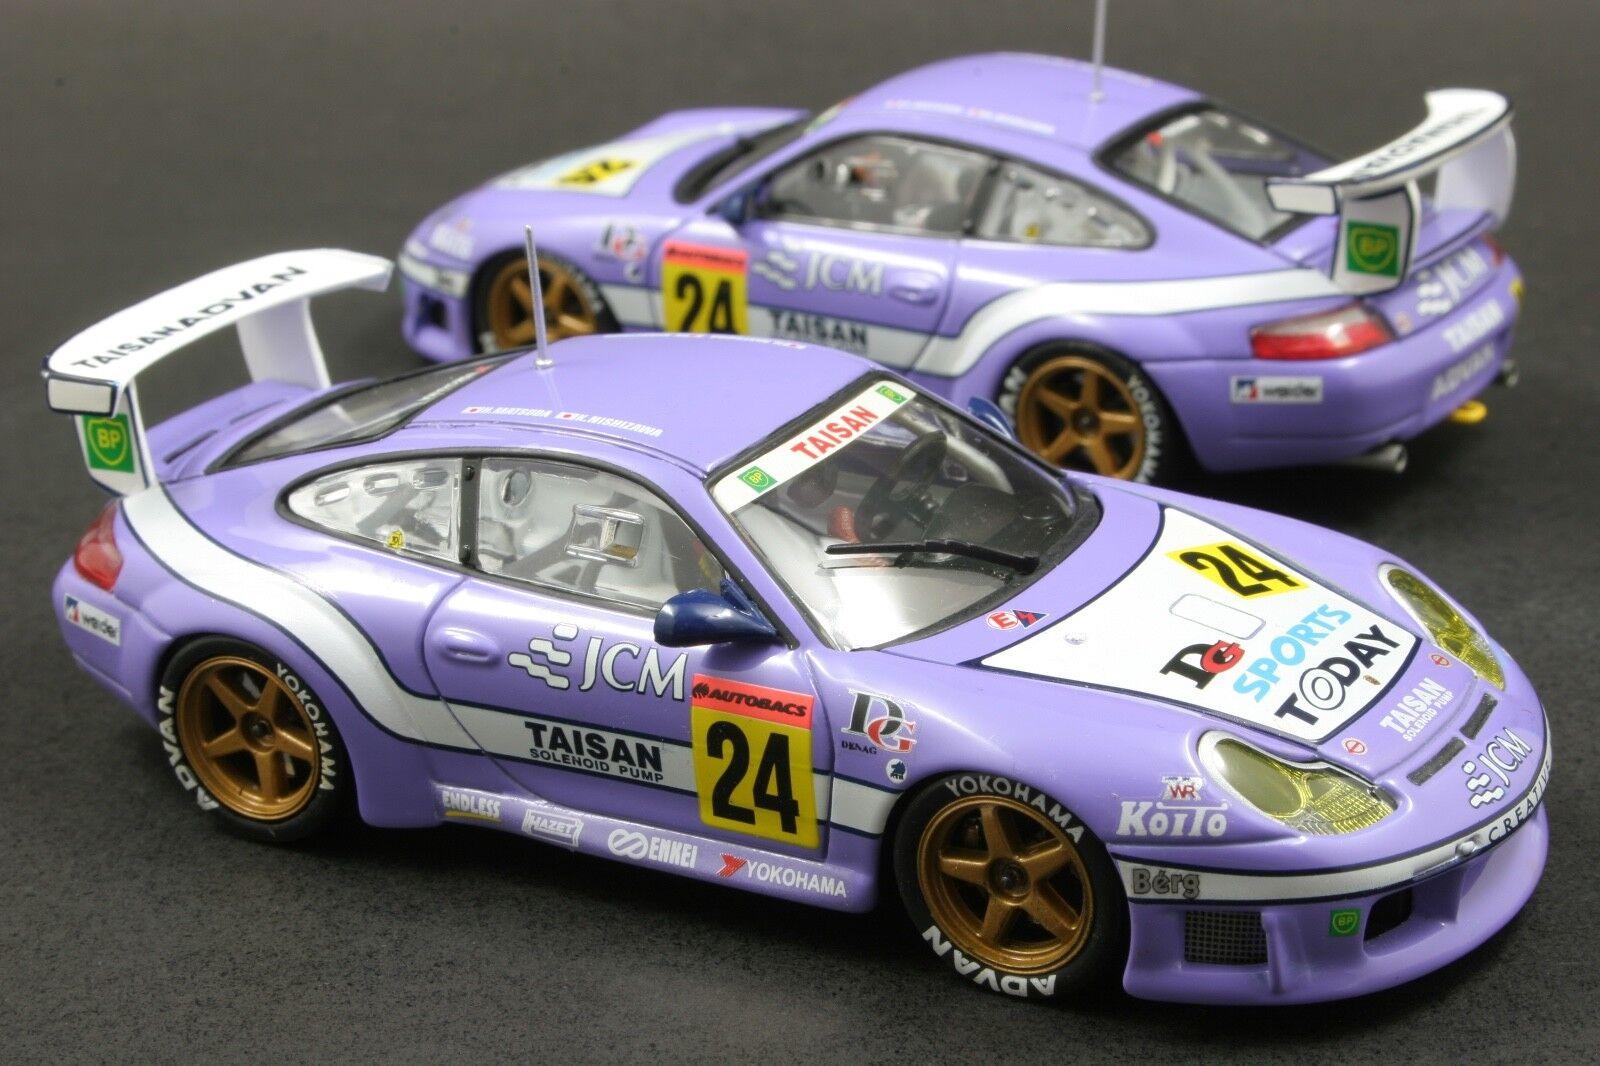 Ebbro 43230 1 43 skala jcm taisan porsche 911 996 gt3r jgtc 2001 druckguss - modell